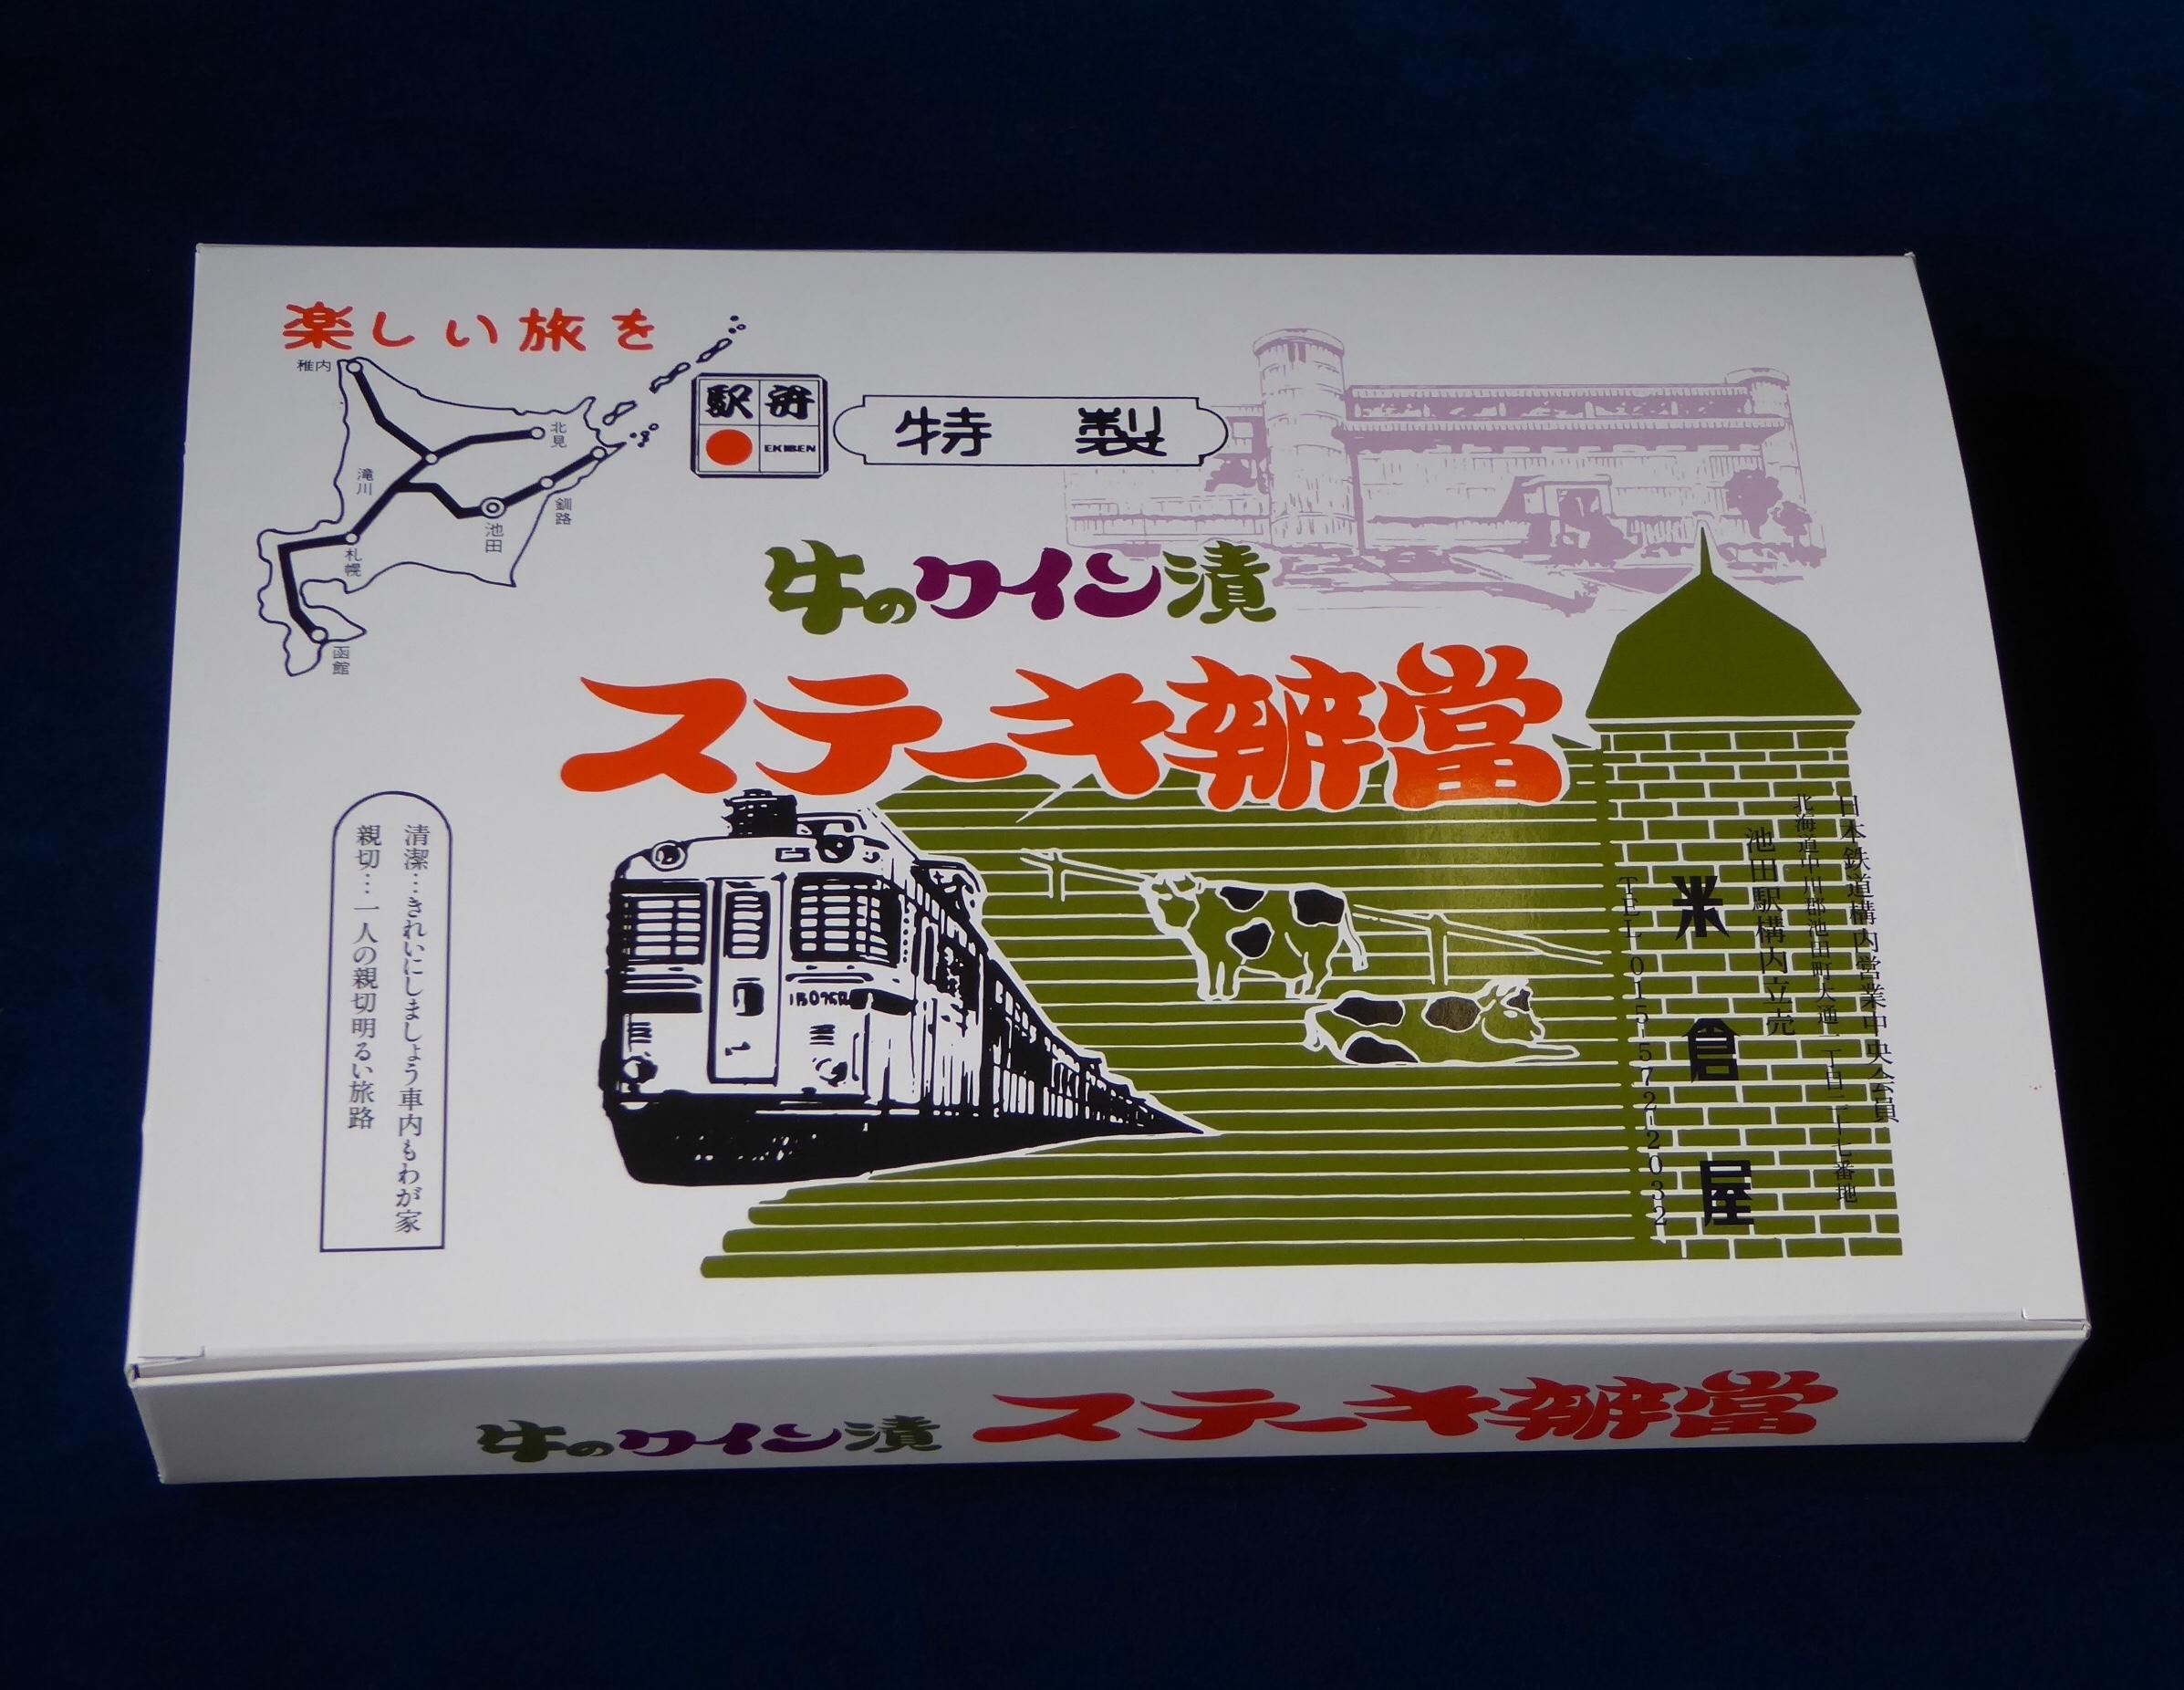 http://nippon-umai.com/img/E0EFA6EF-9666-4CA7-9C23-EDEA052BCB82.jpeg